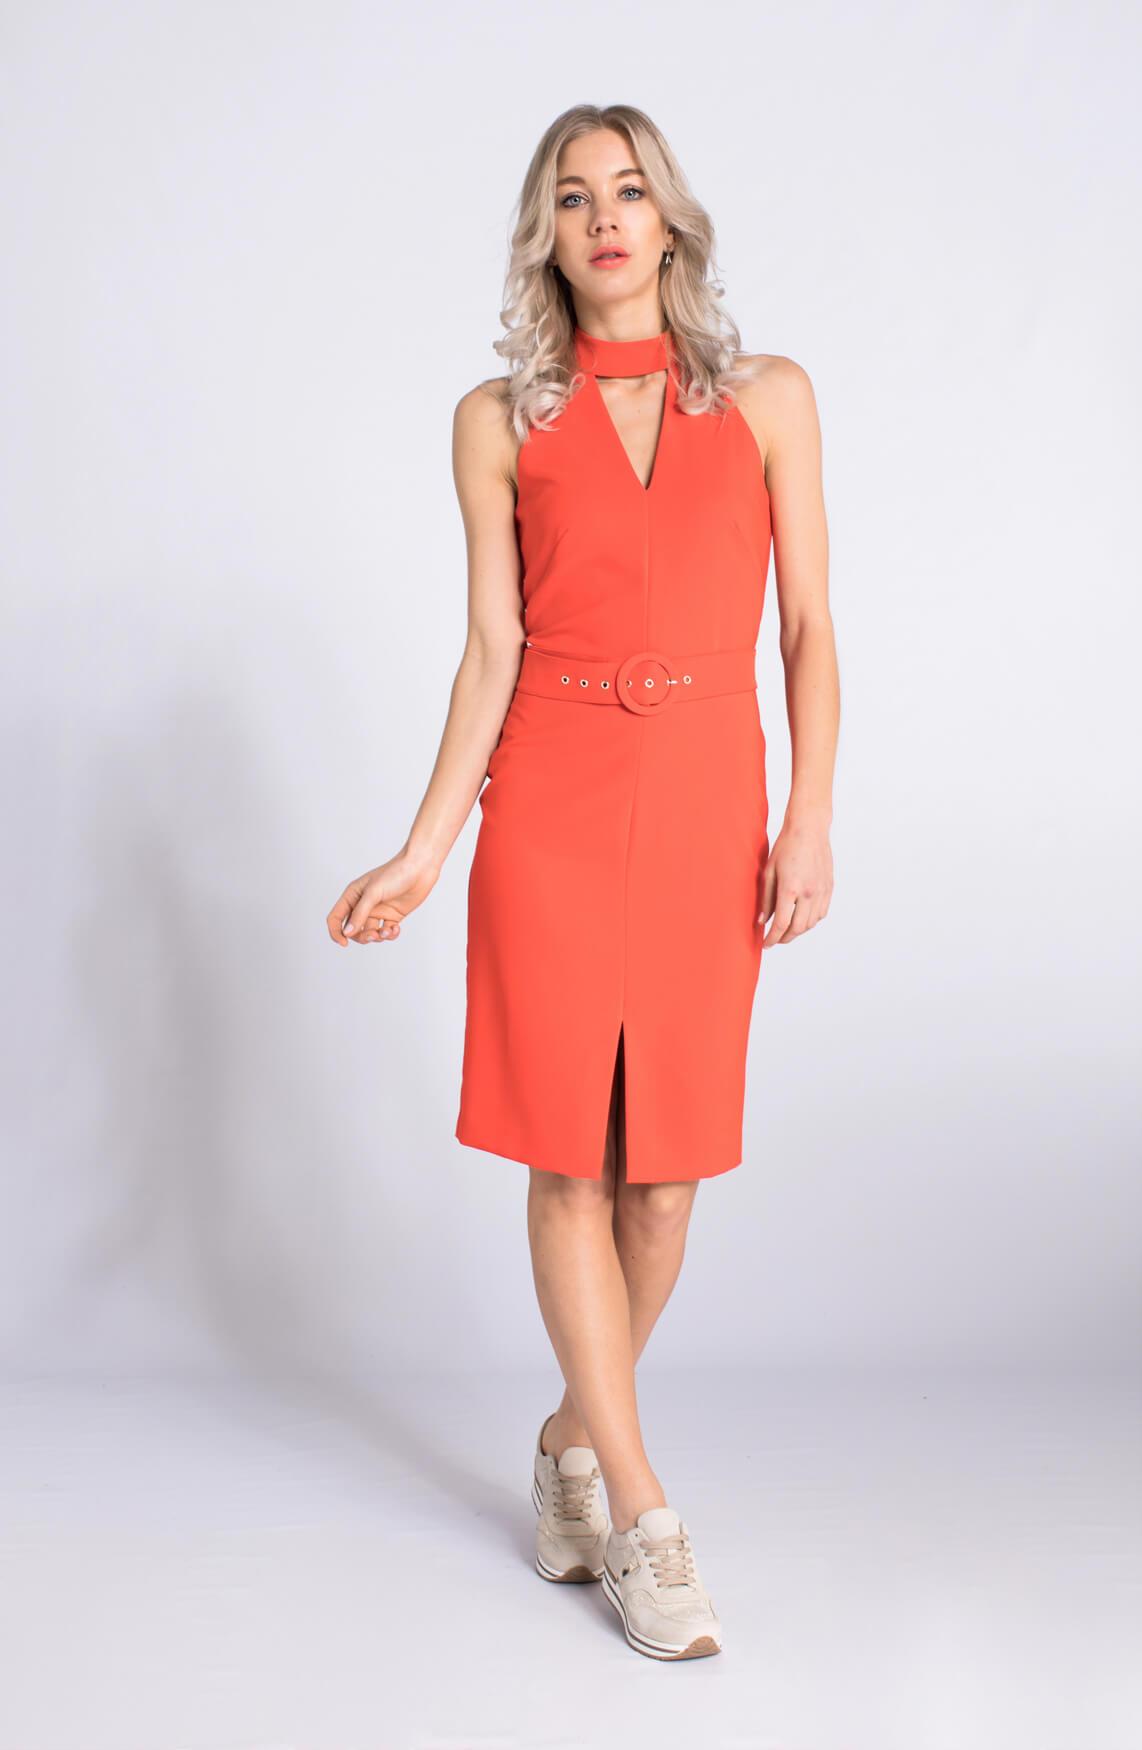 Kocca Dames Brody chique jurk Oranje